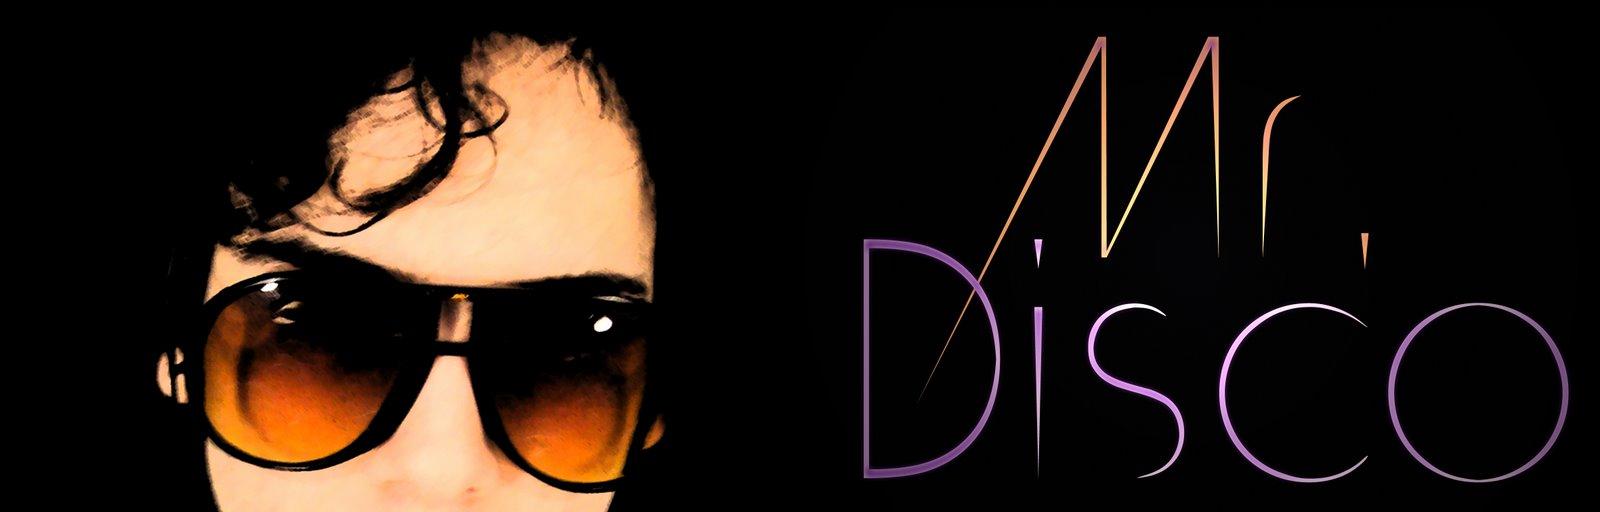 Mr. Disco